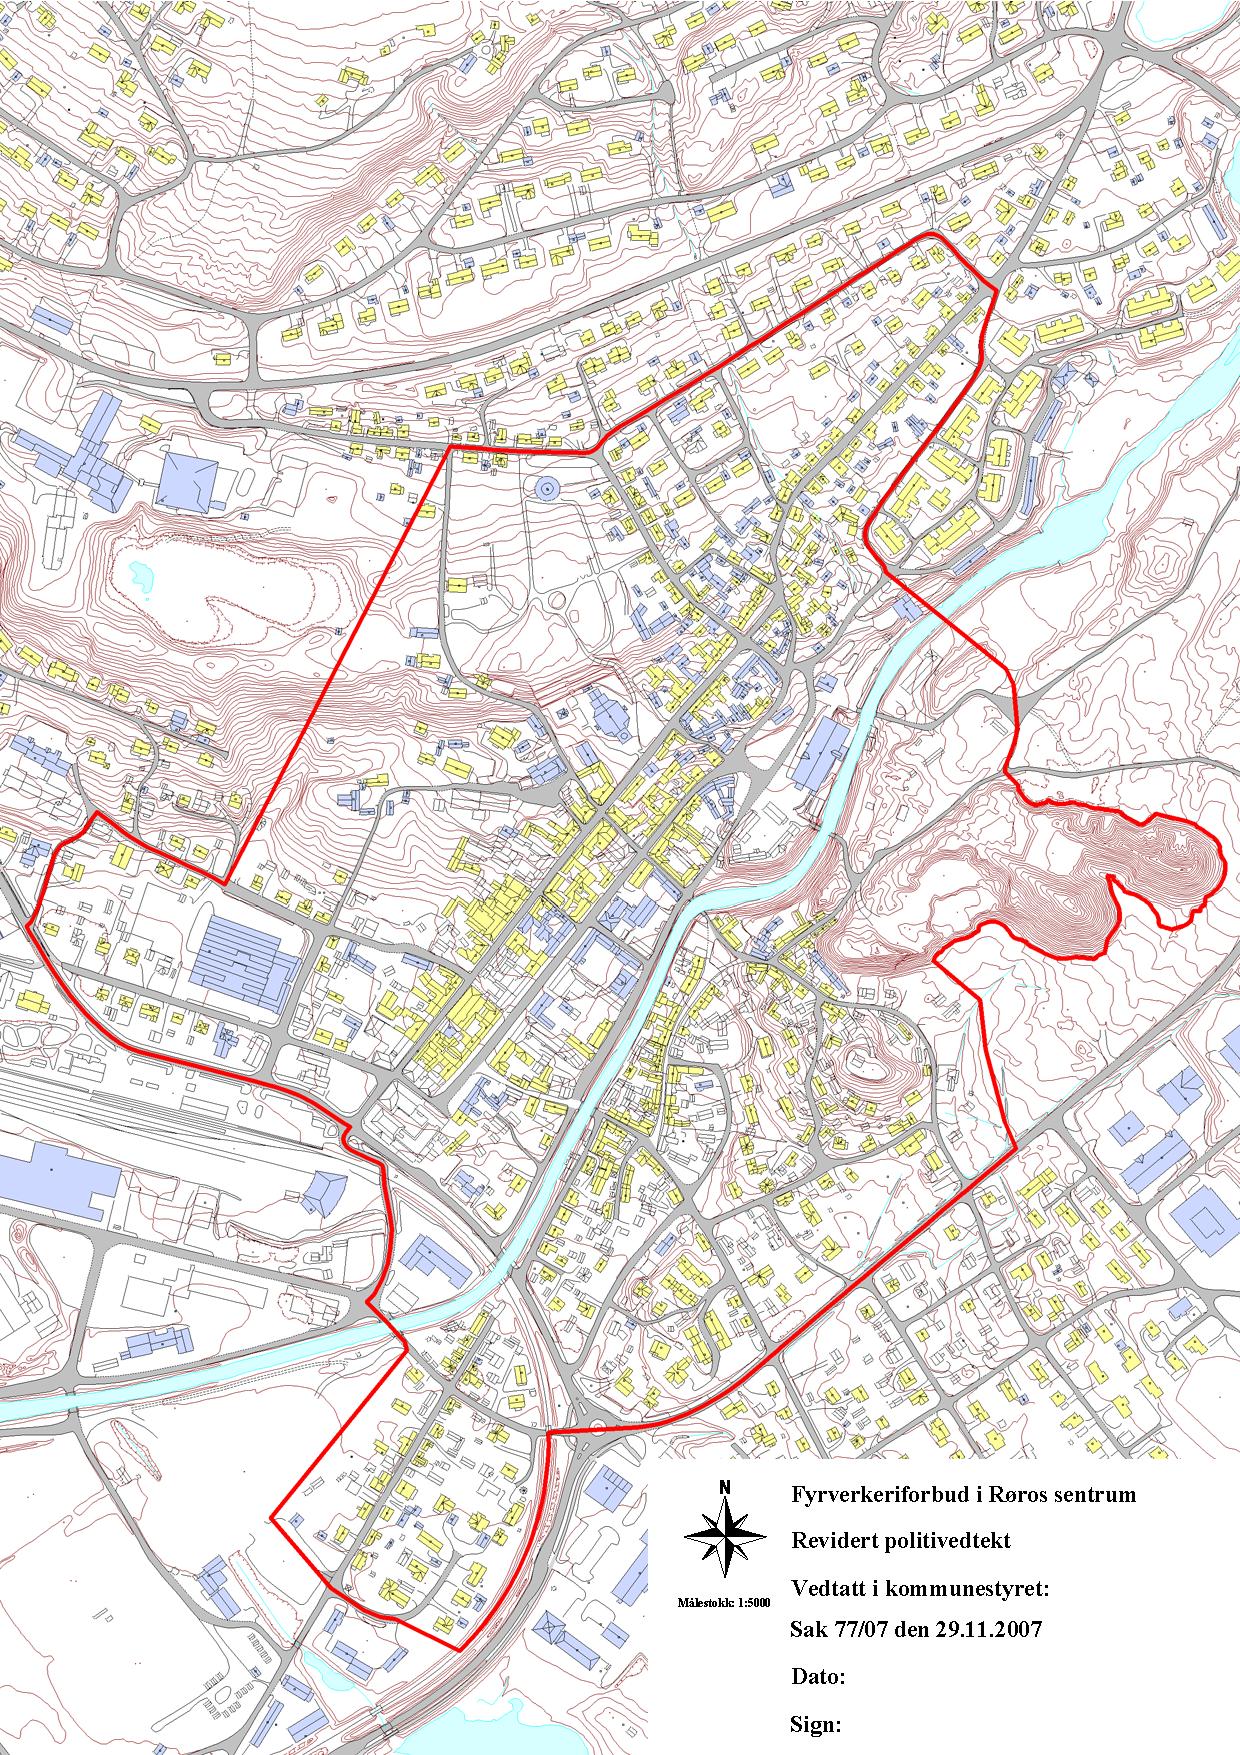 Kart over Røros sentrum som viser hvor det er forbudt å sende opp fyrverkeri.